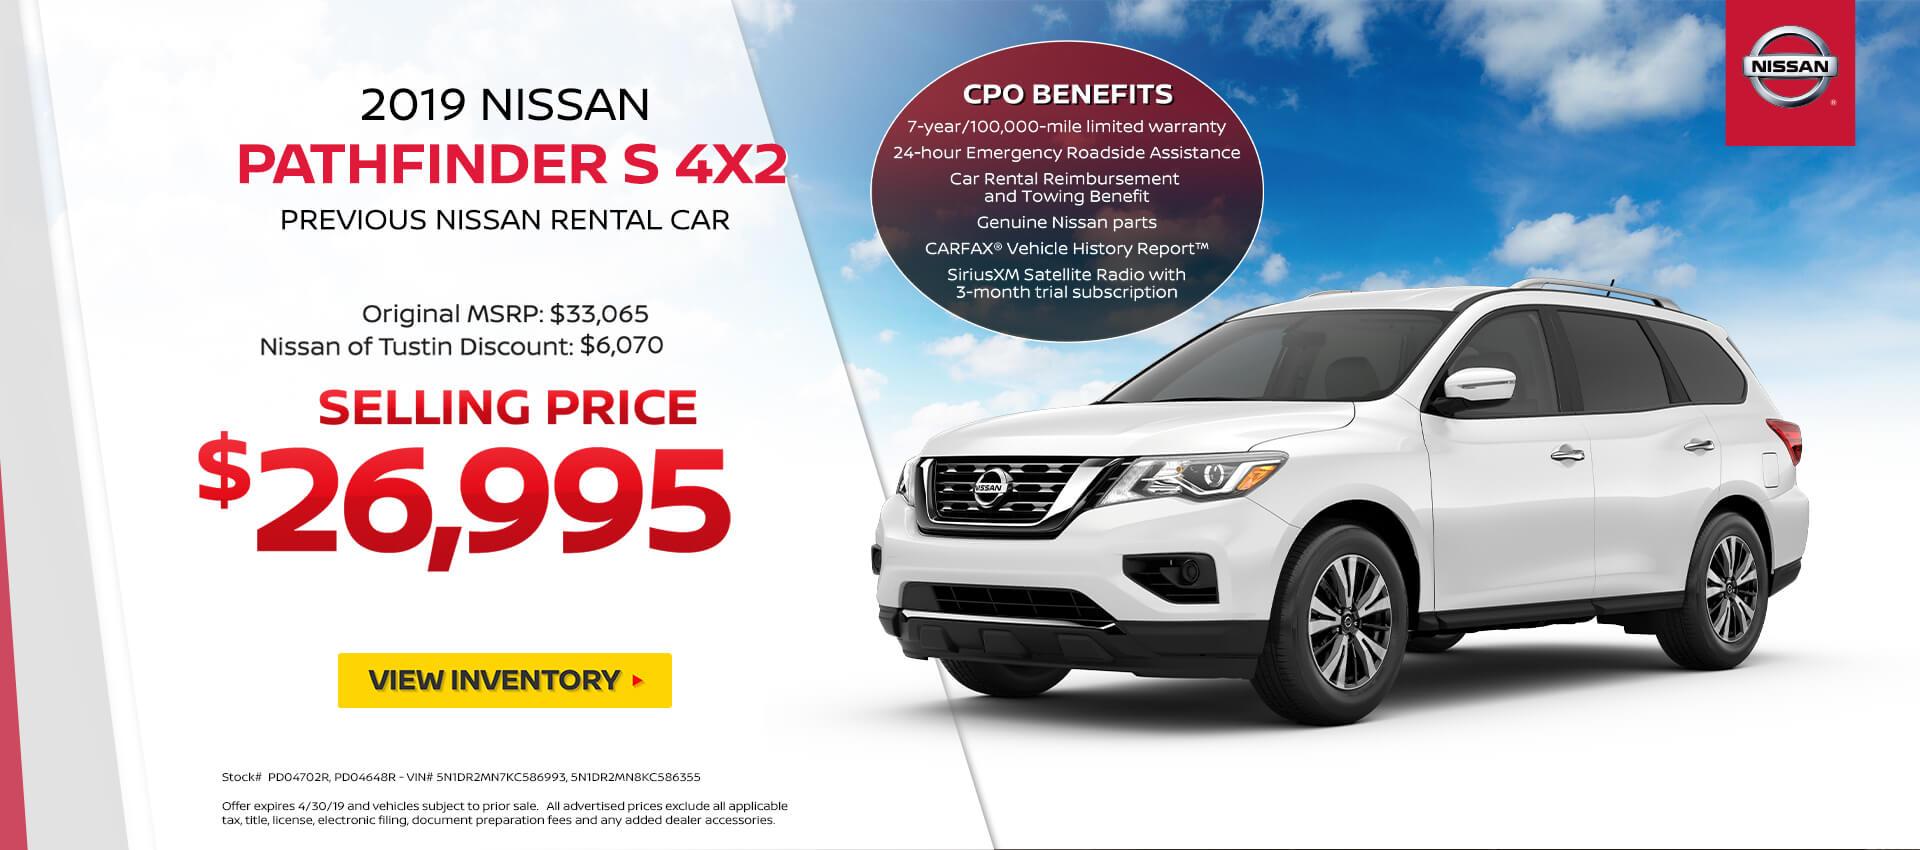 2019 Nissan Pathfinder Purchase